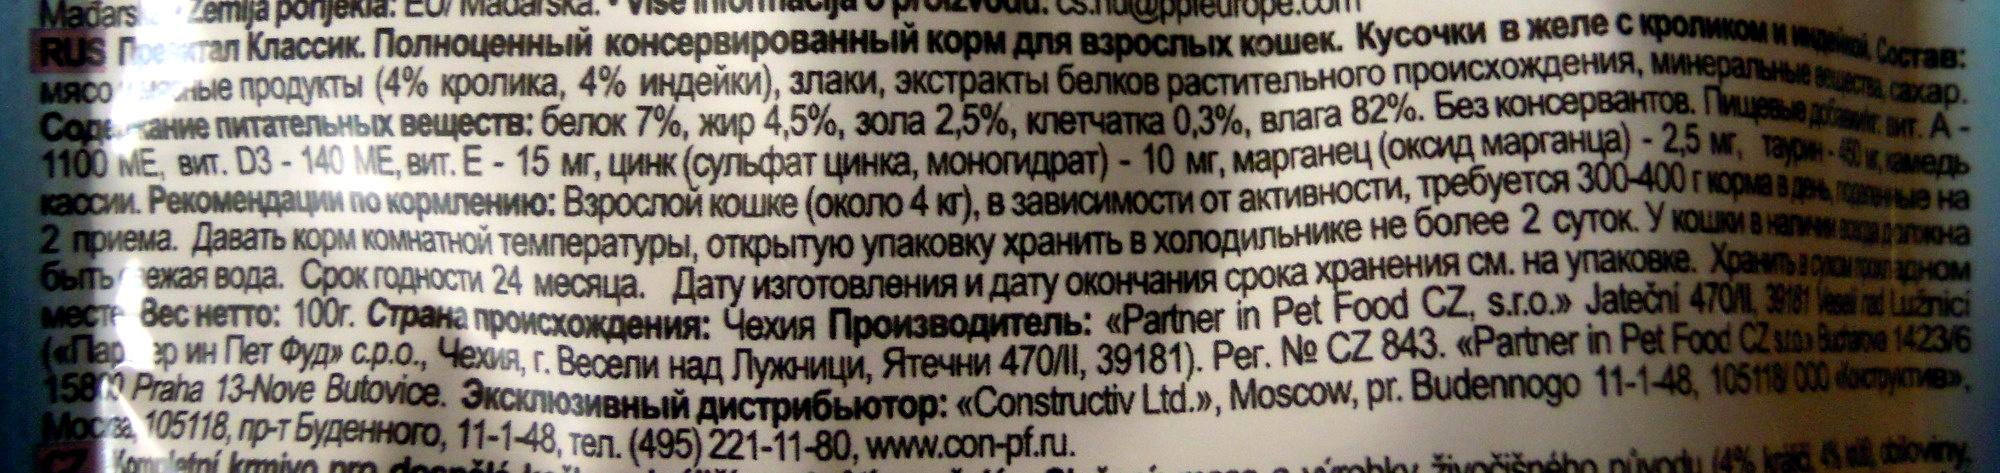 ПреВитал Классик. Полноценный консервированный корм для взрослых кошек. Кусочки в желе с кроликом и индейкой. - Ingredients